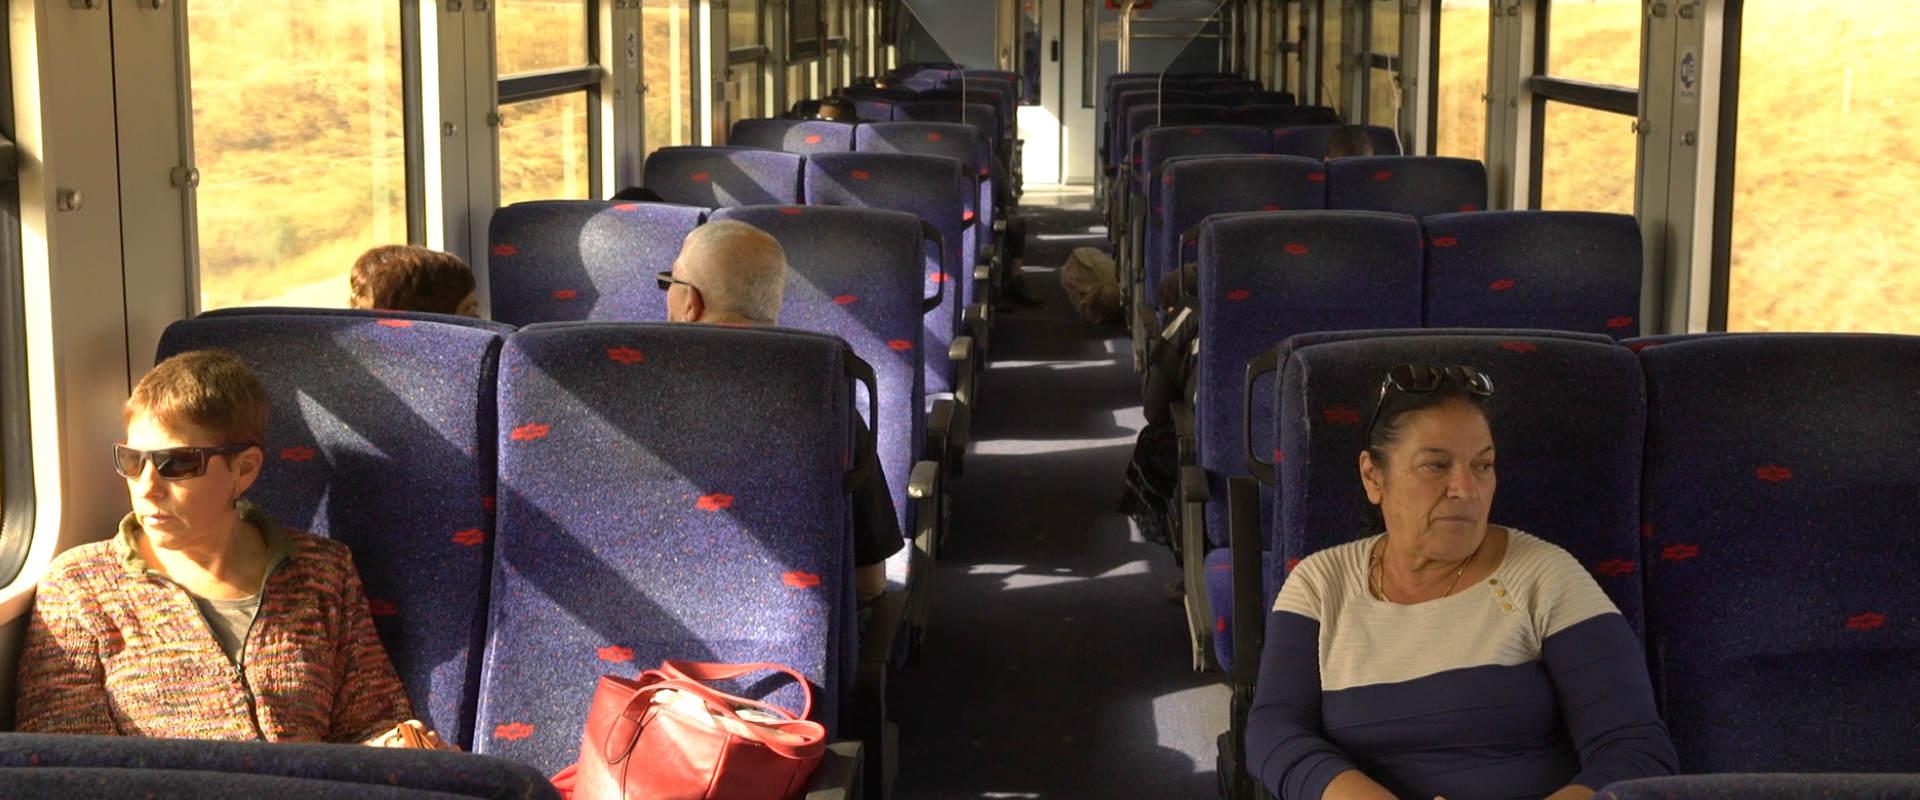 נוסעים ברכבת העמק